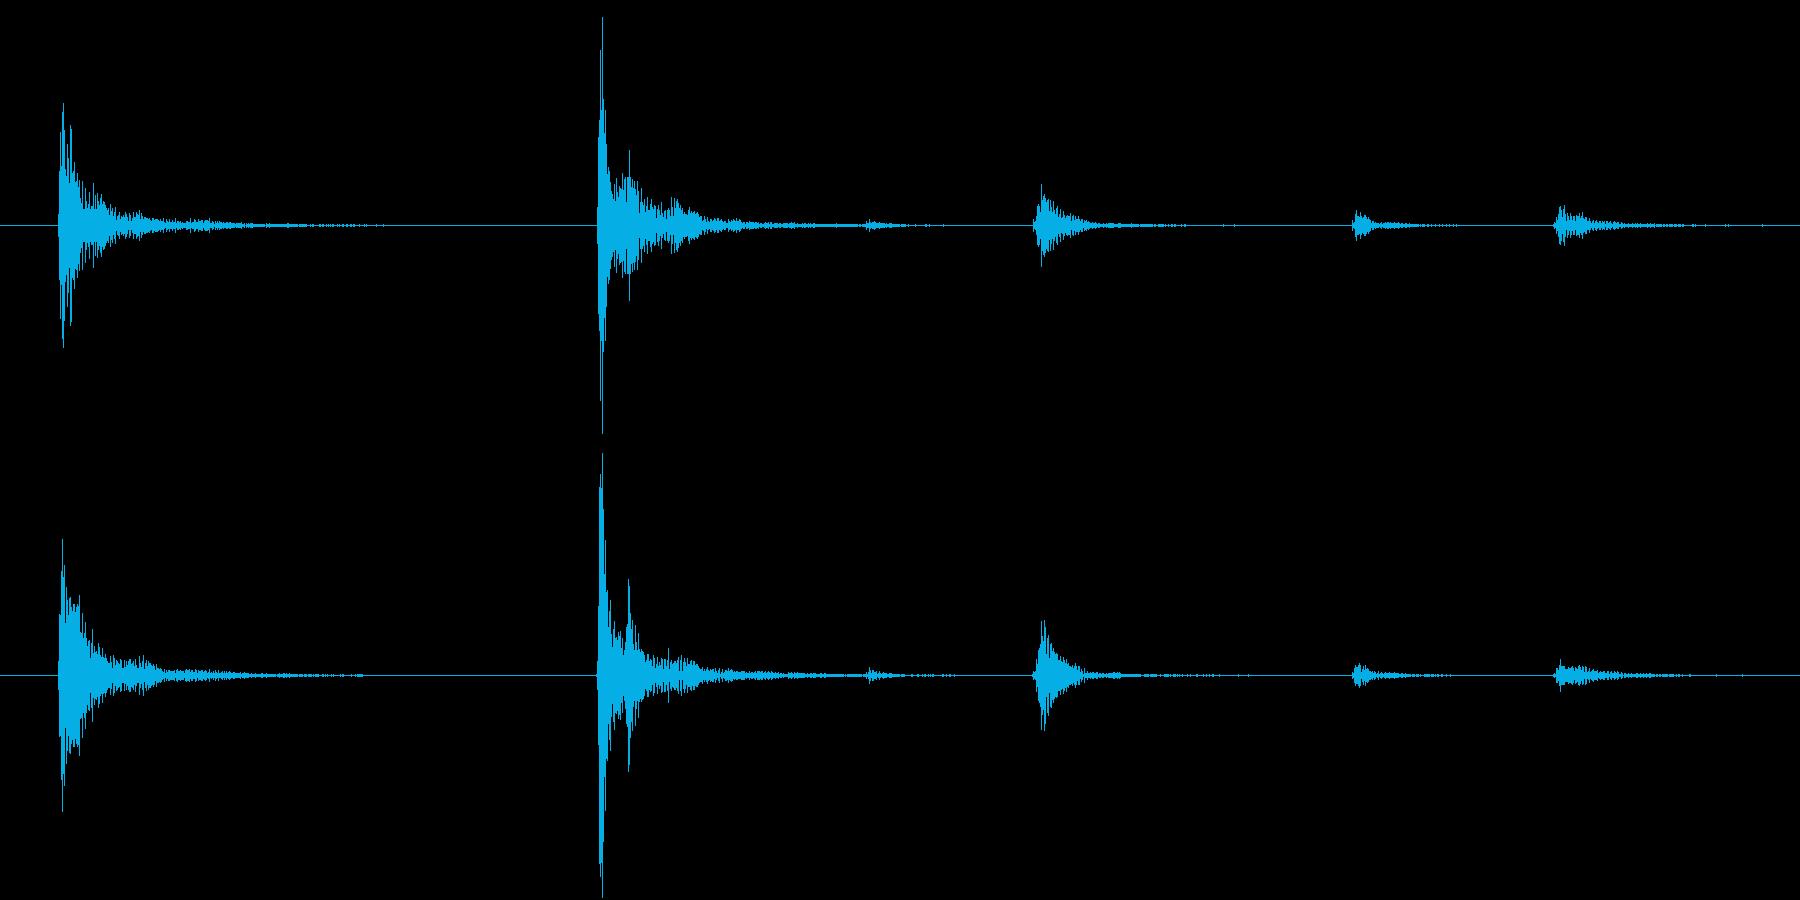 【生録音】お箸の音 25 手に取る 持つの再生済みの波形